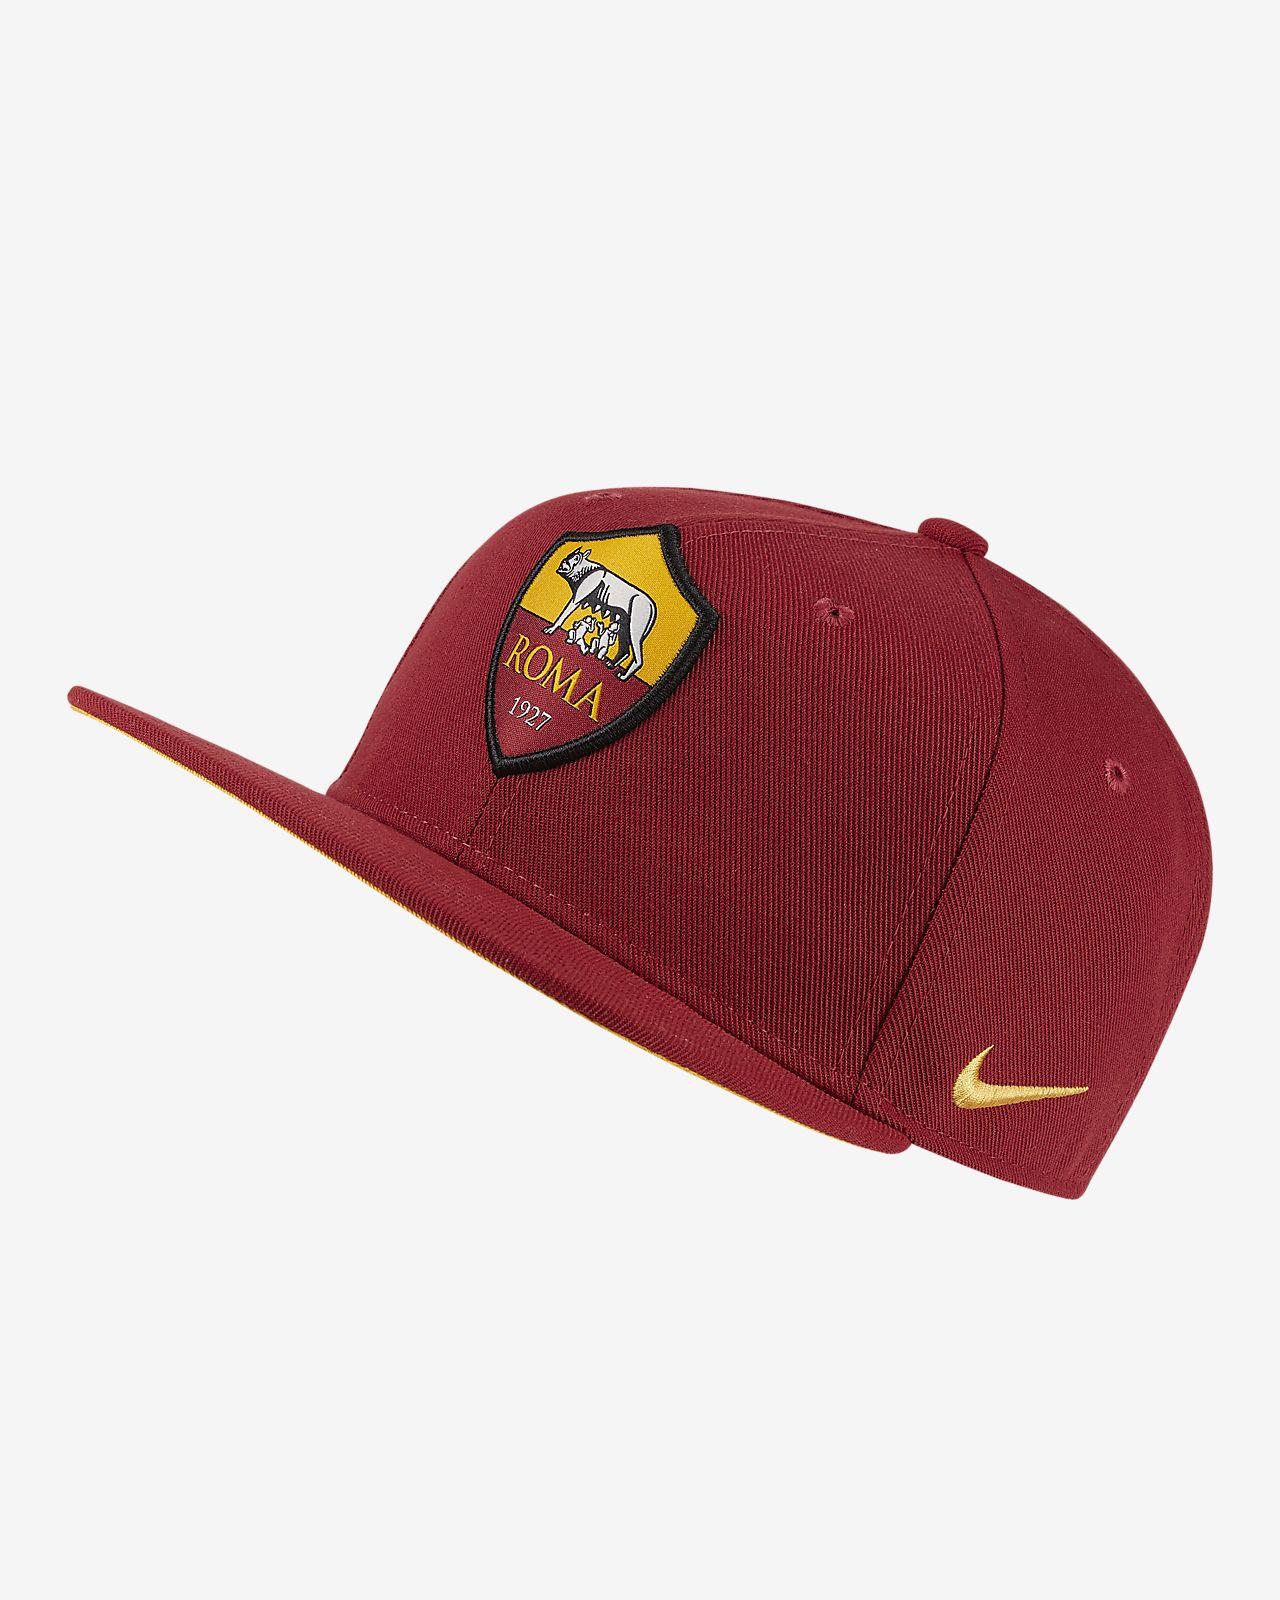 Cappello regolabile Nike Pro A.S. Roma - Ragazzi